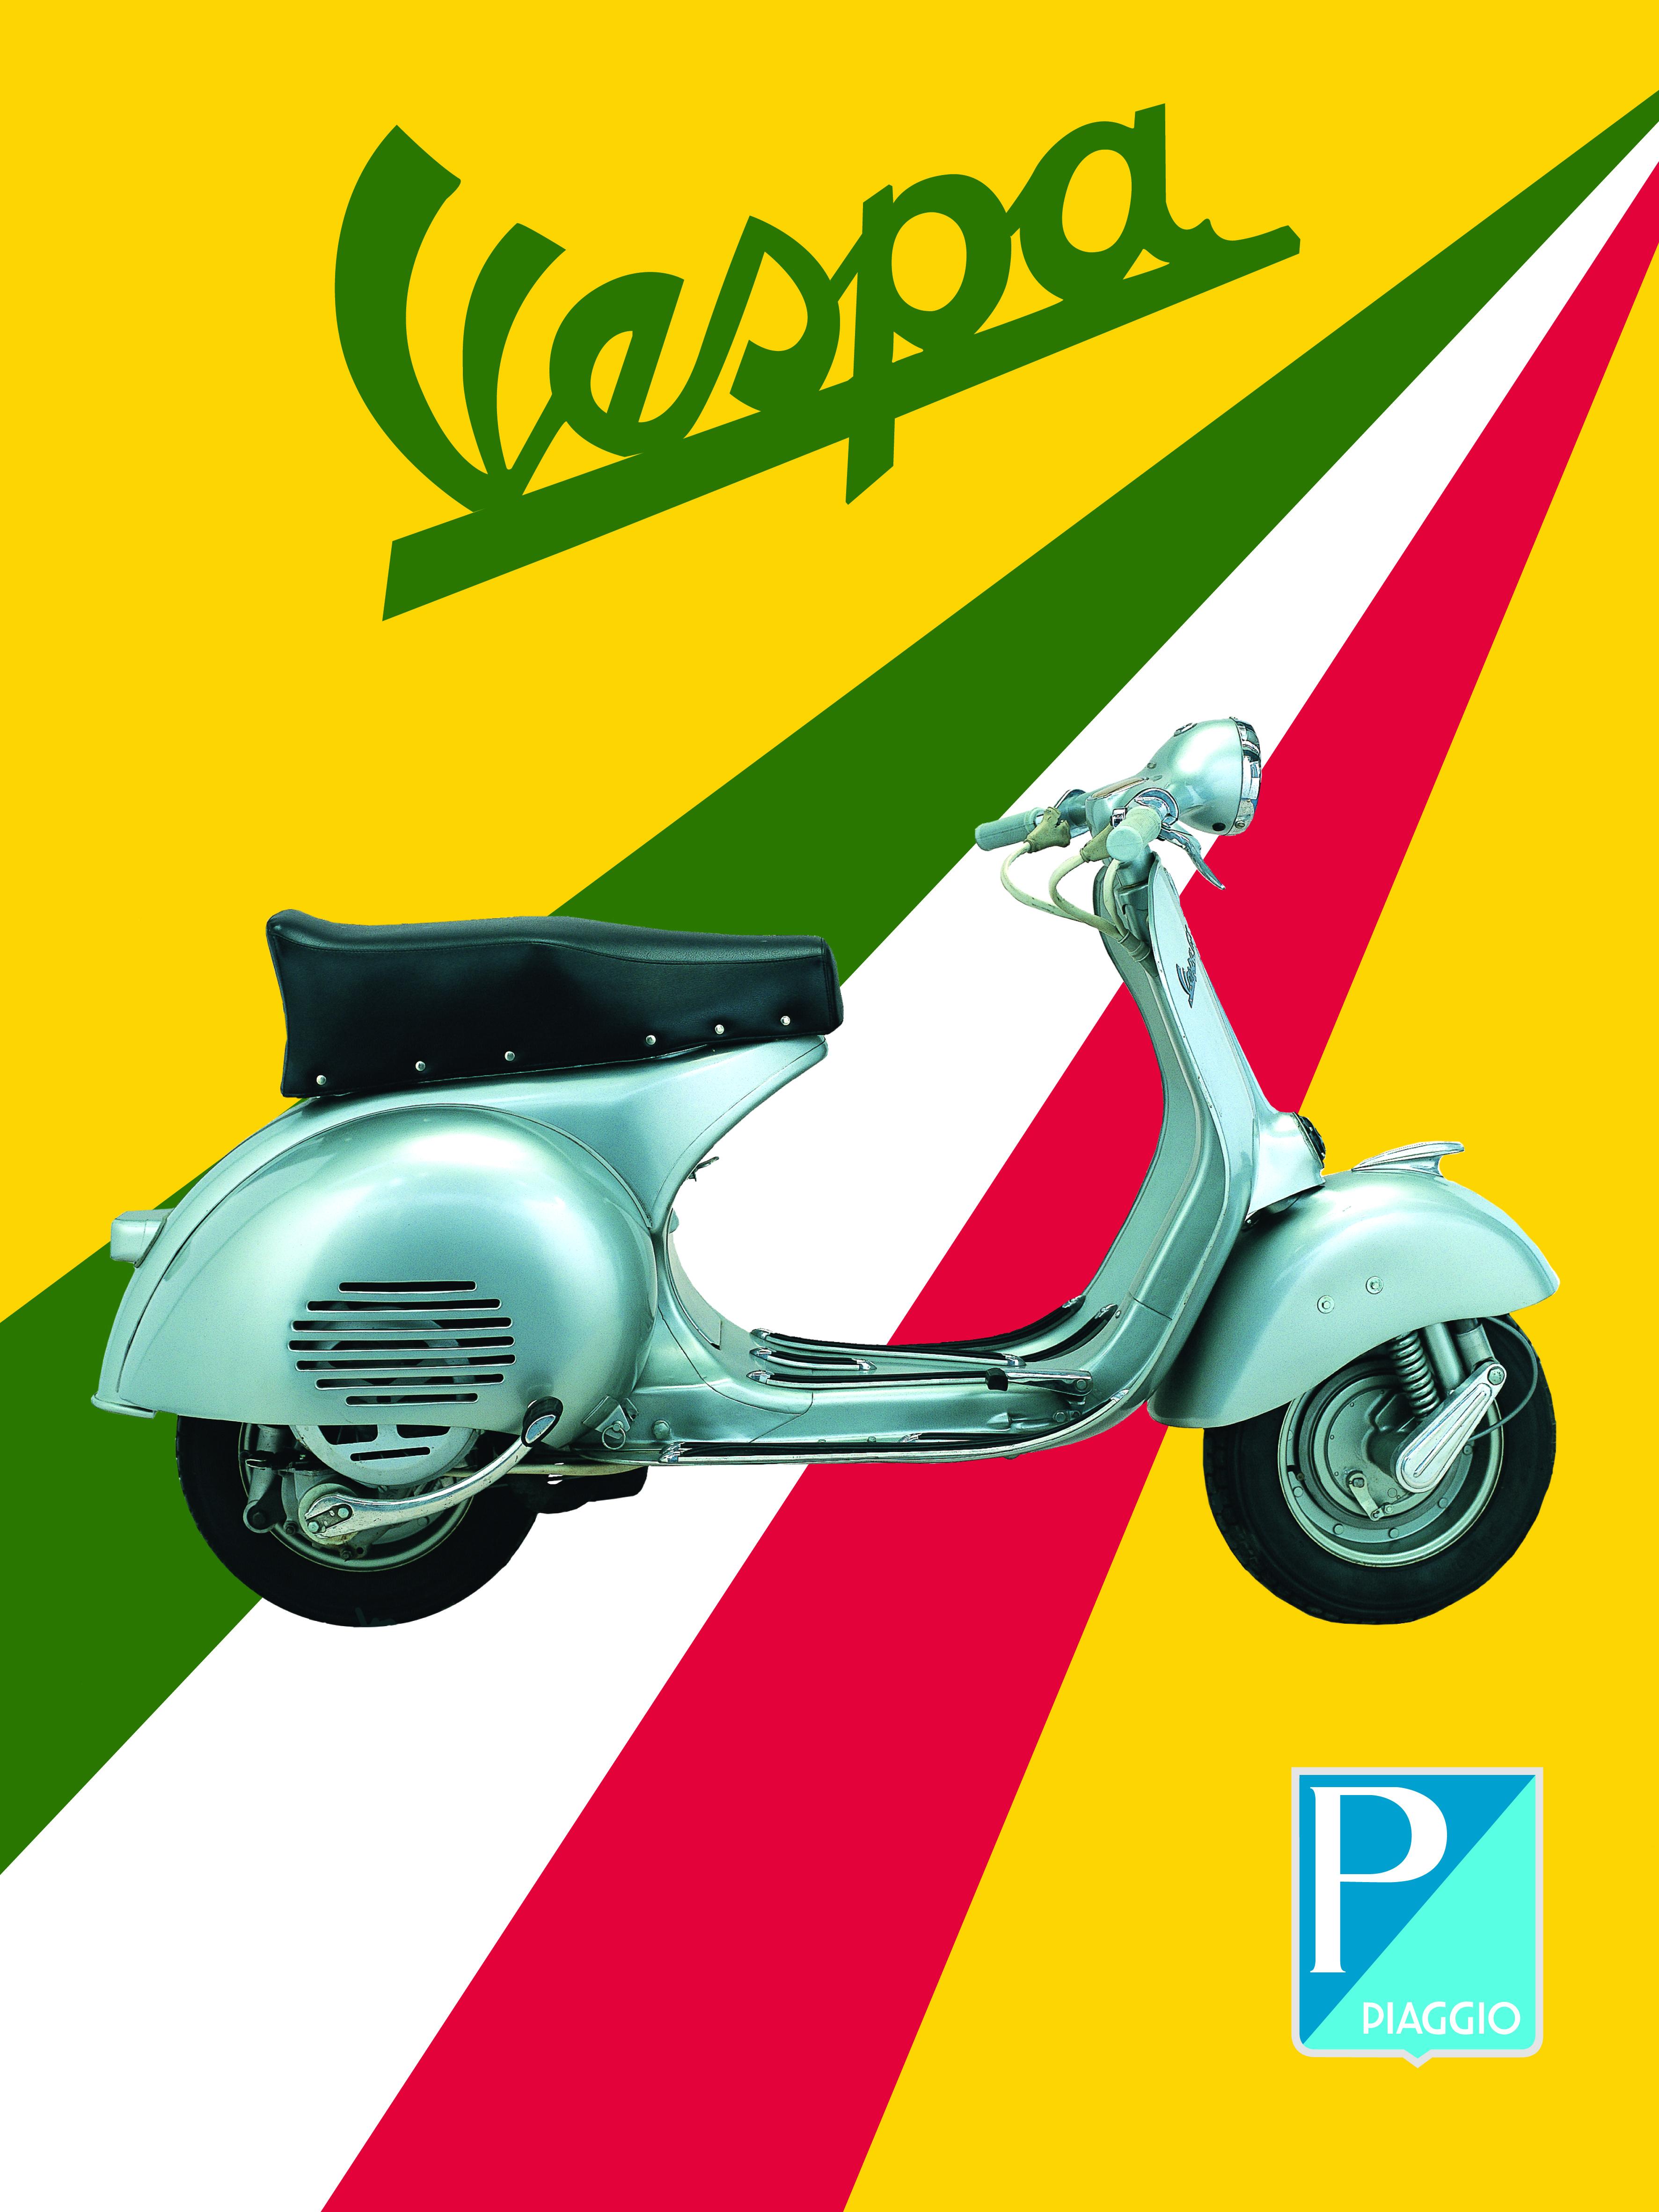 Vespa nuestra nueva consentida for Vespa com italia